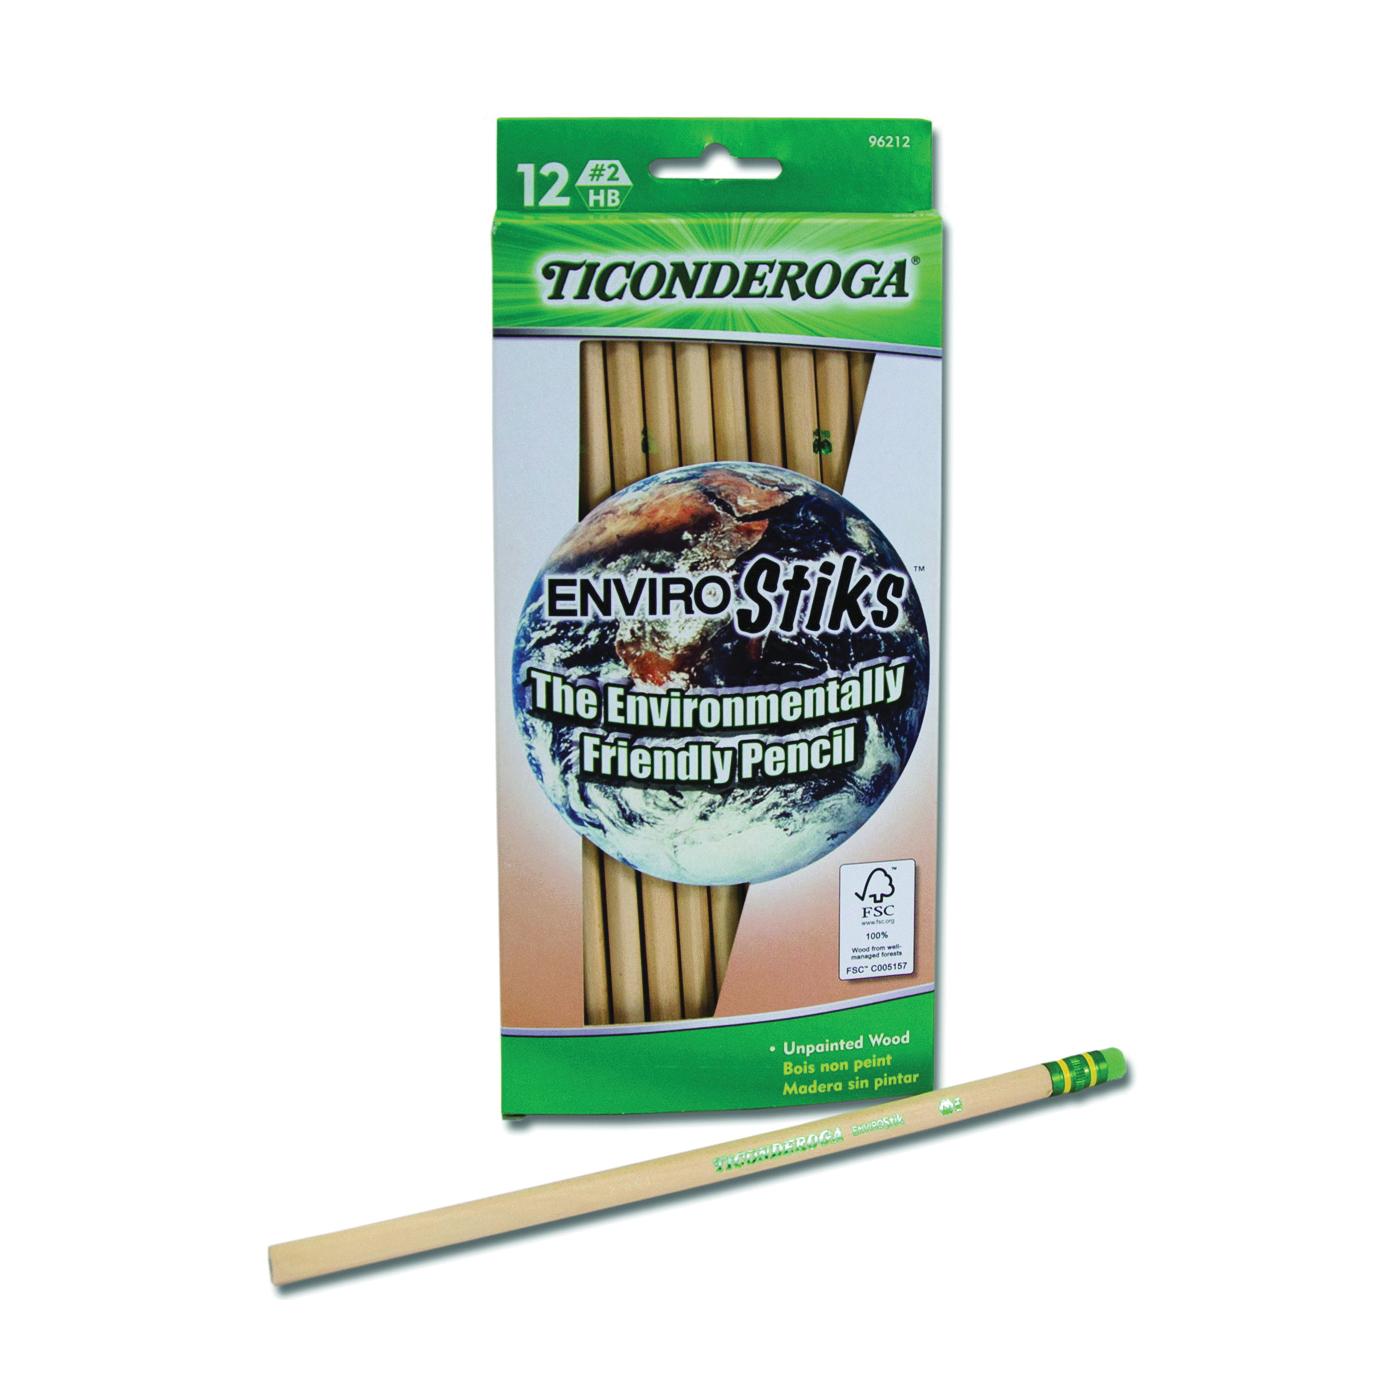 Picture of Ticonderoga 96212 Pencil, Natural Wood Barrel